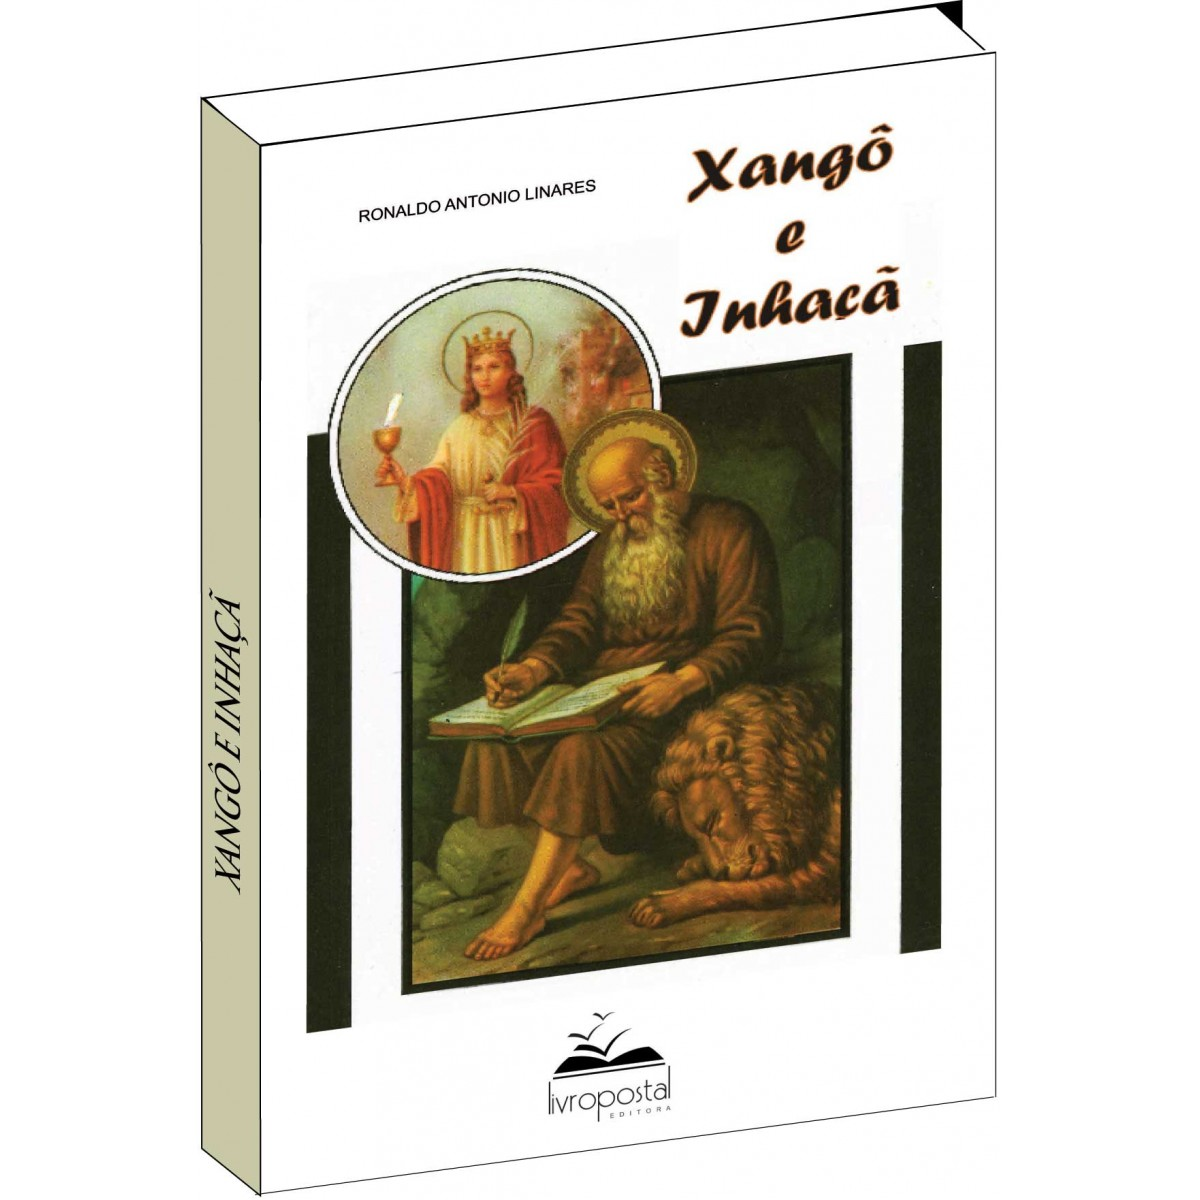 Livro de Xangô e Inhaçã  - Livropostal Editora